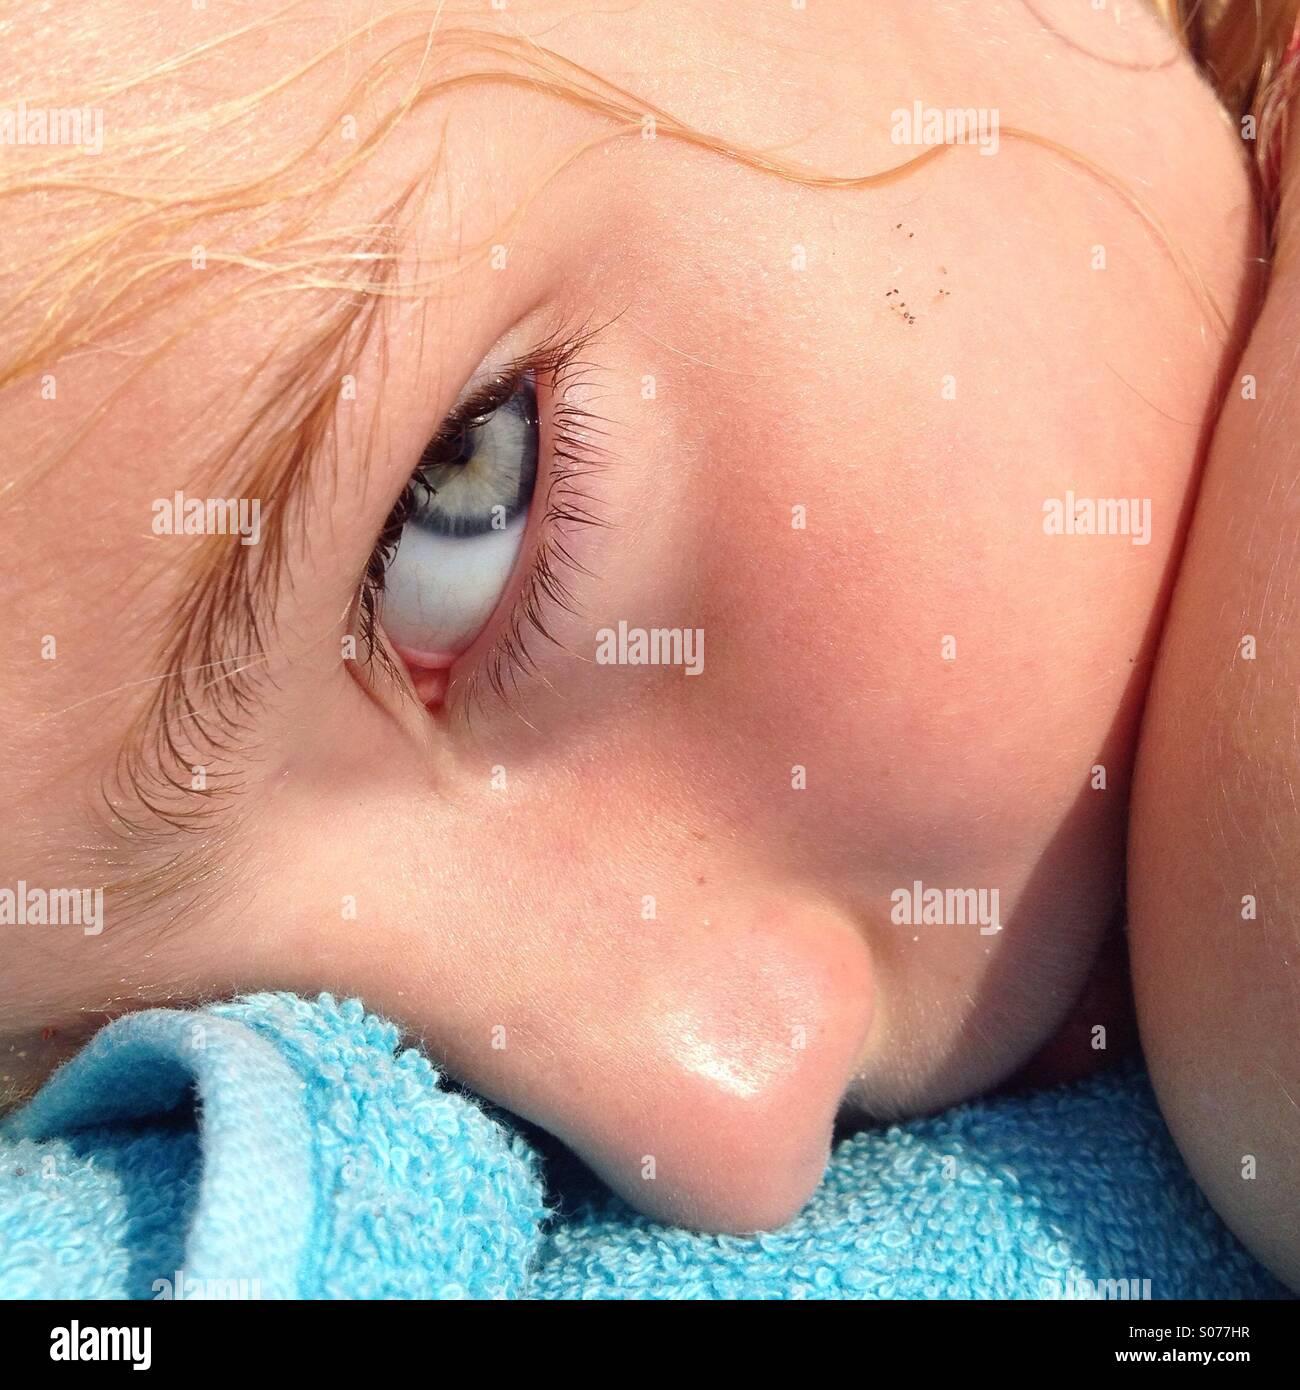 Un primer plano del rostro de una muchacha joven relajándose en una toalla de playa durante unas vacaciones Imagen De Stock